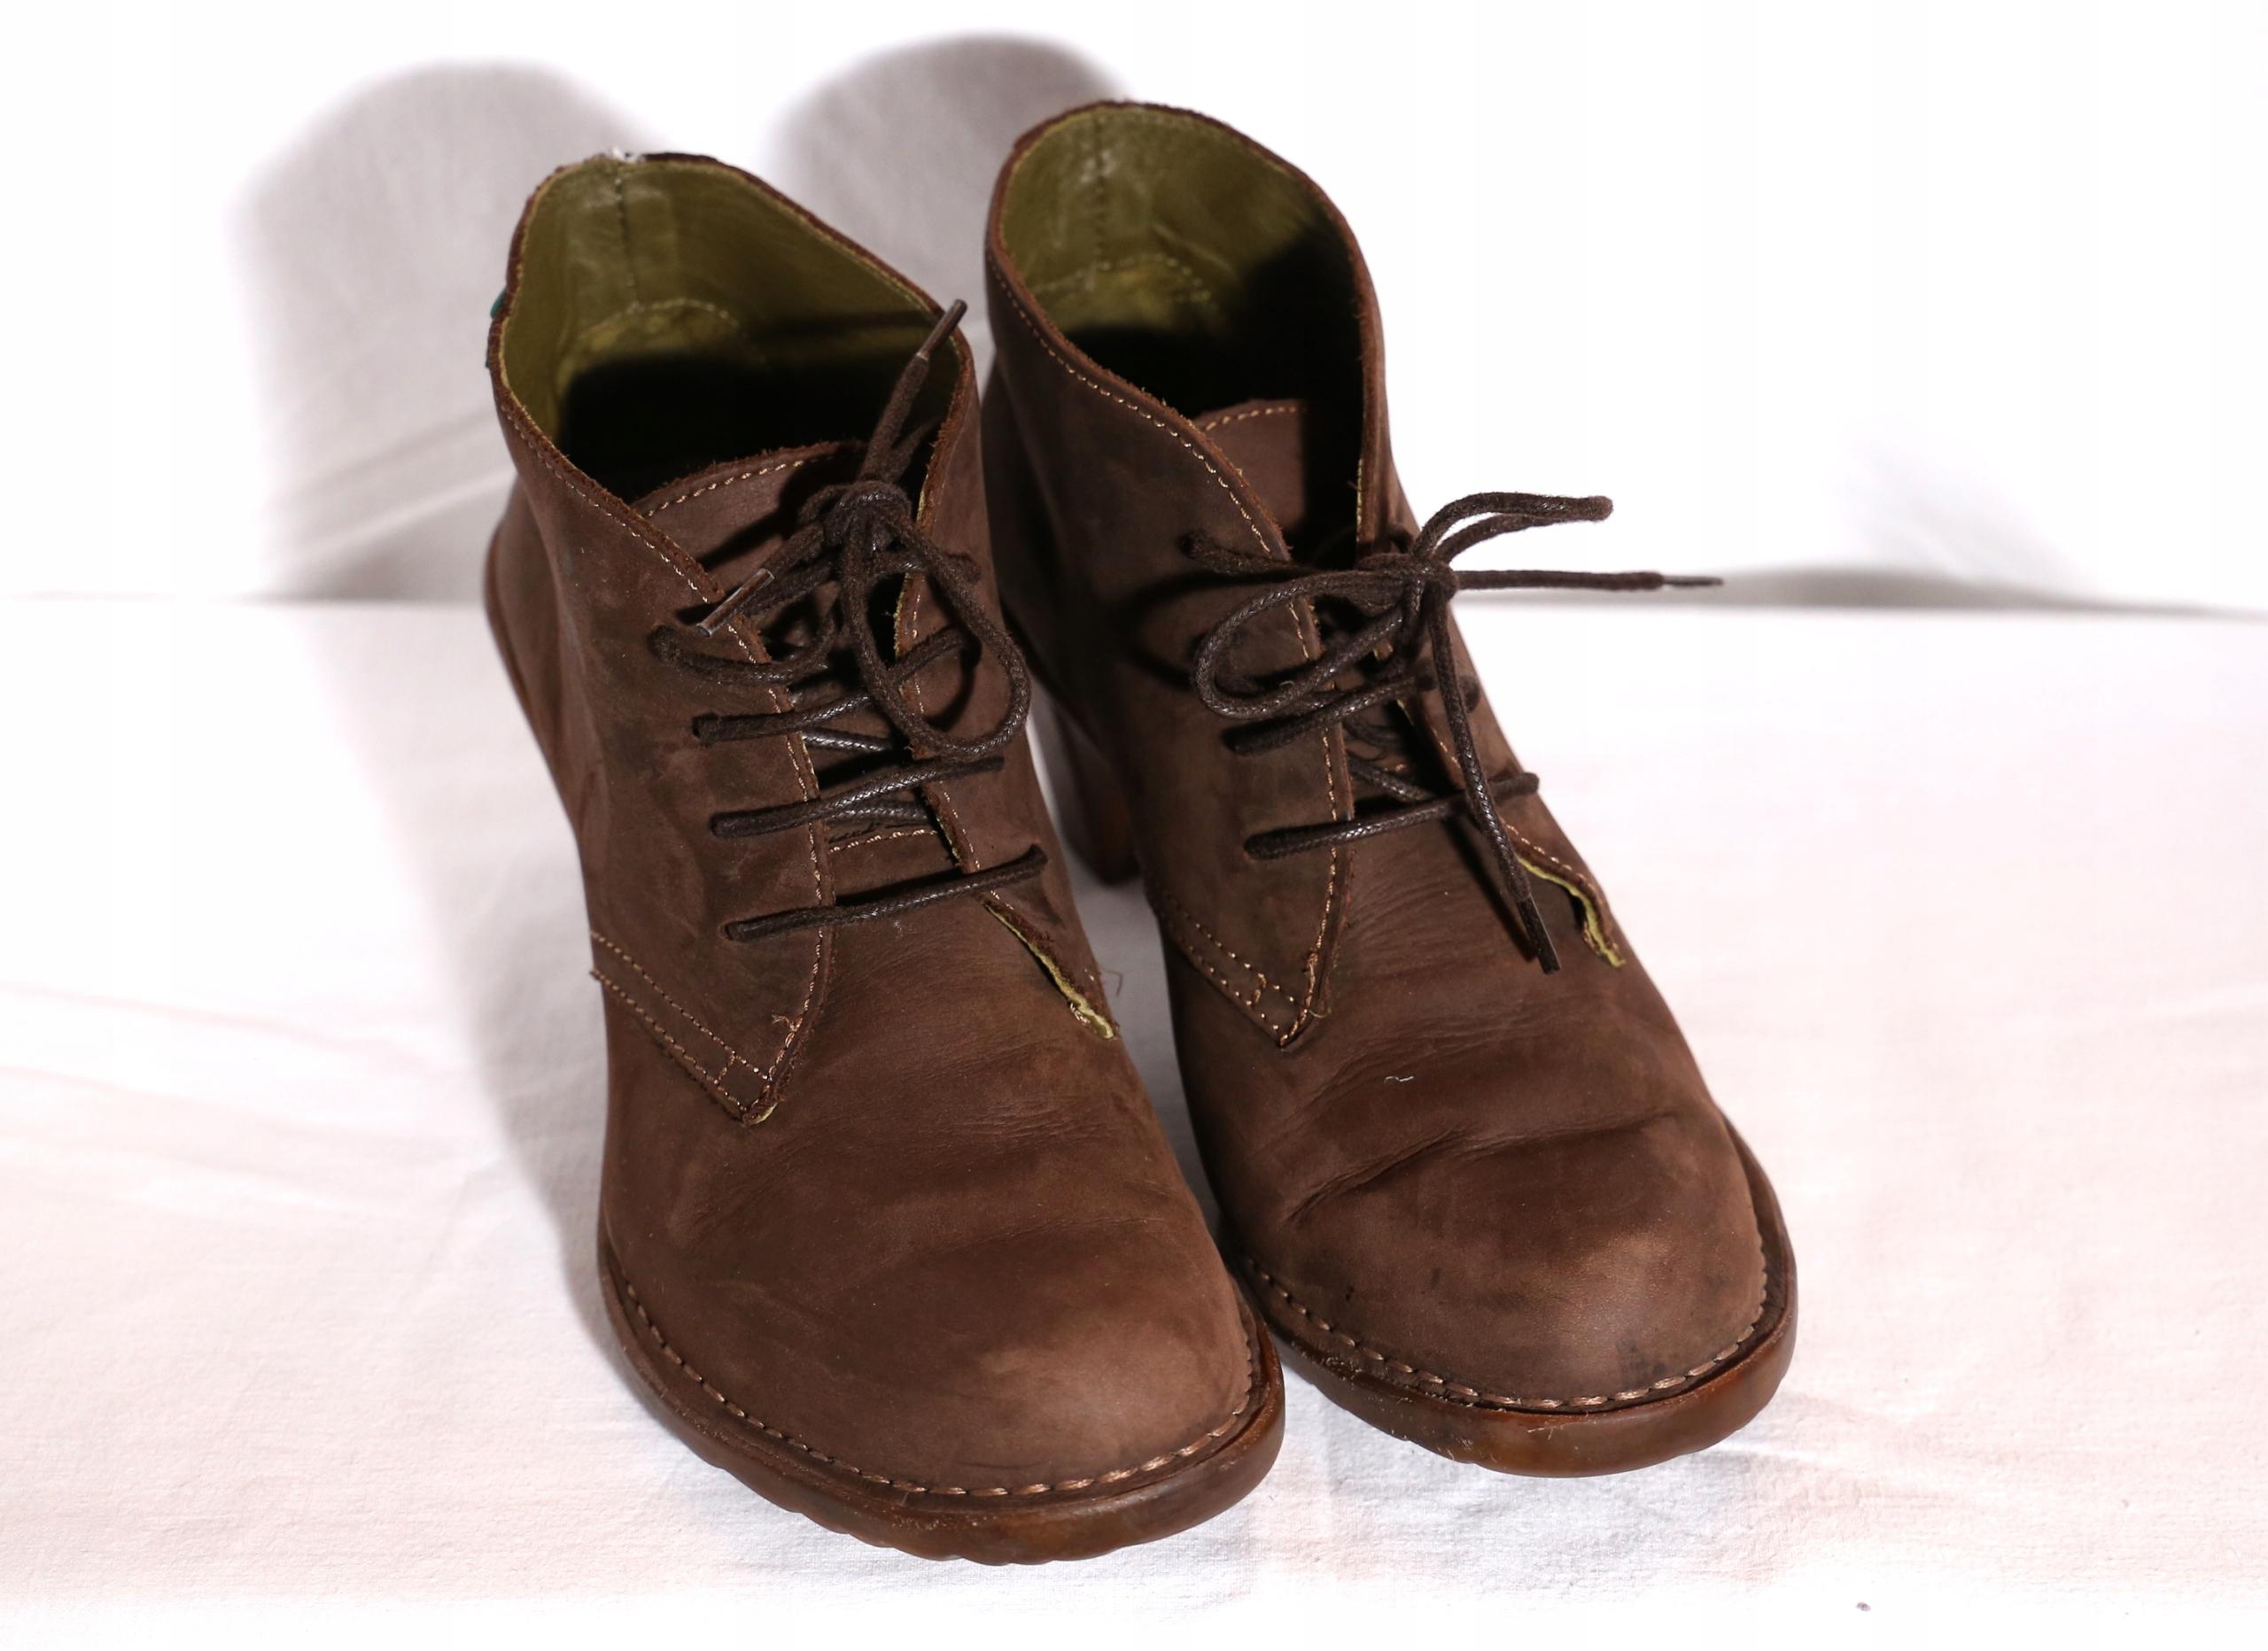 88290ec8 Skórzane buty EL NATURALISTA rozm . 38 - 7642076261 - oficjalne ...